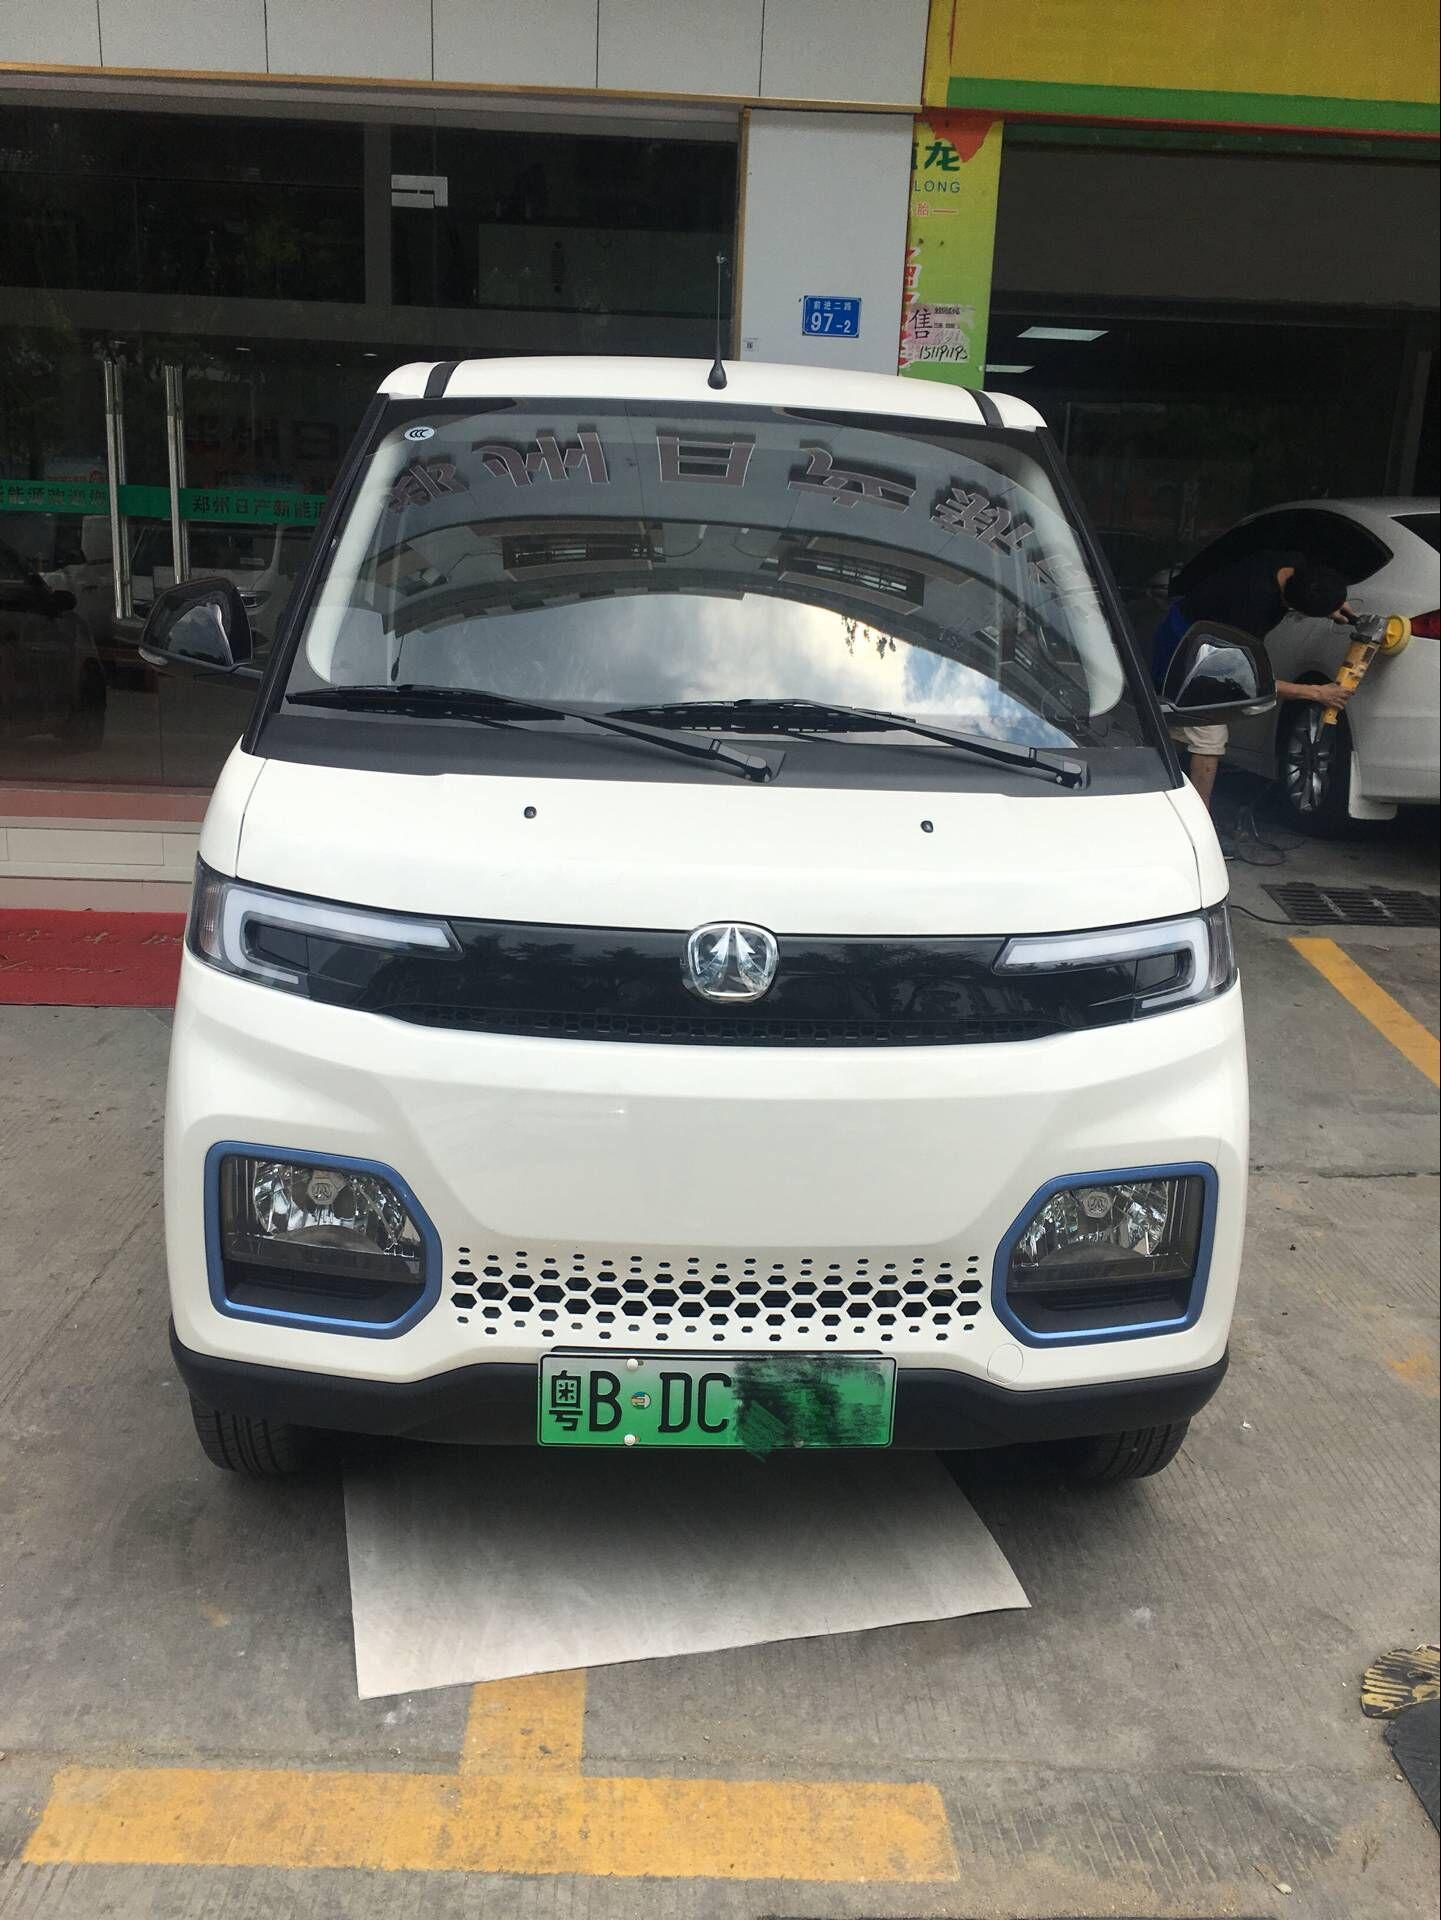 深圳国六落牌标准。适合国家购车趋势。真正的价格实惠新能源新能源物流车。